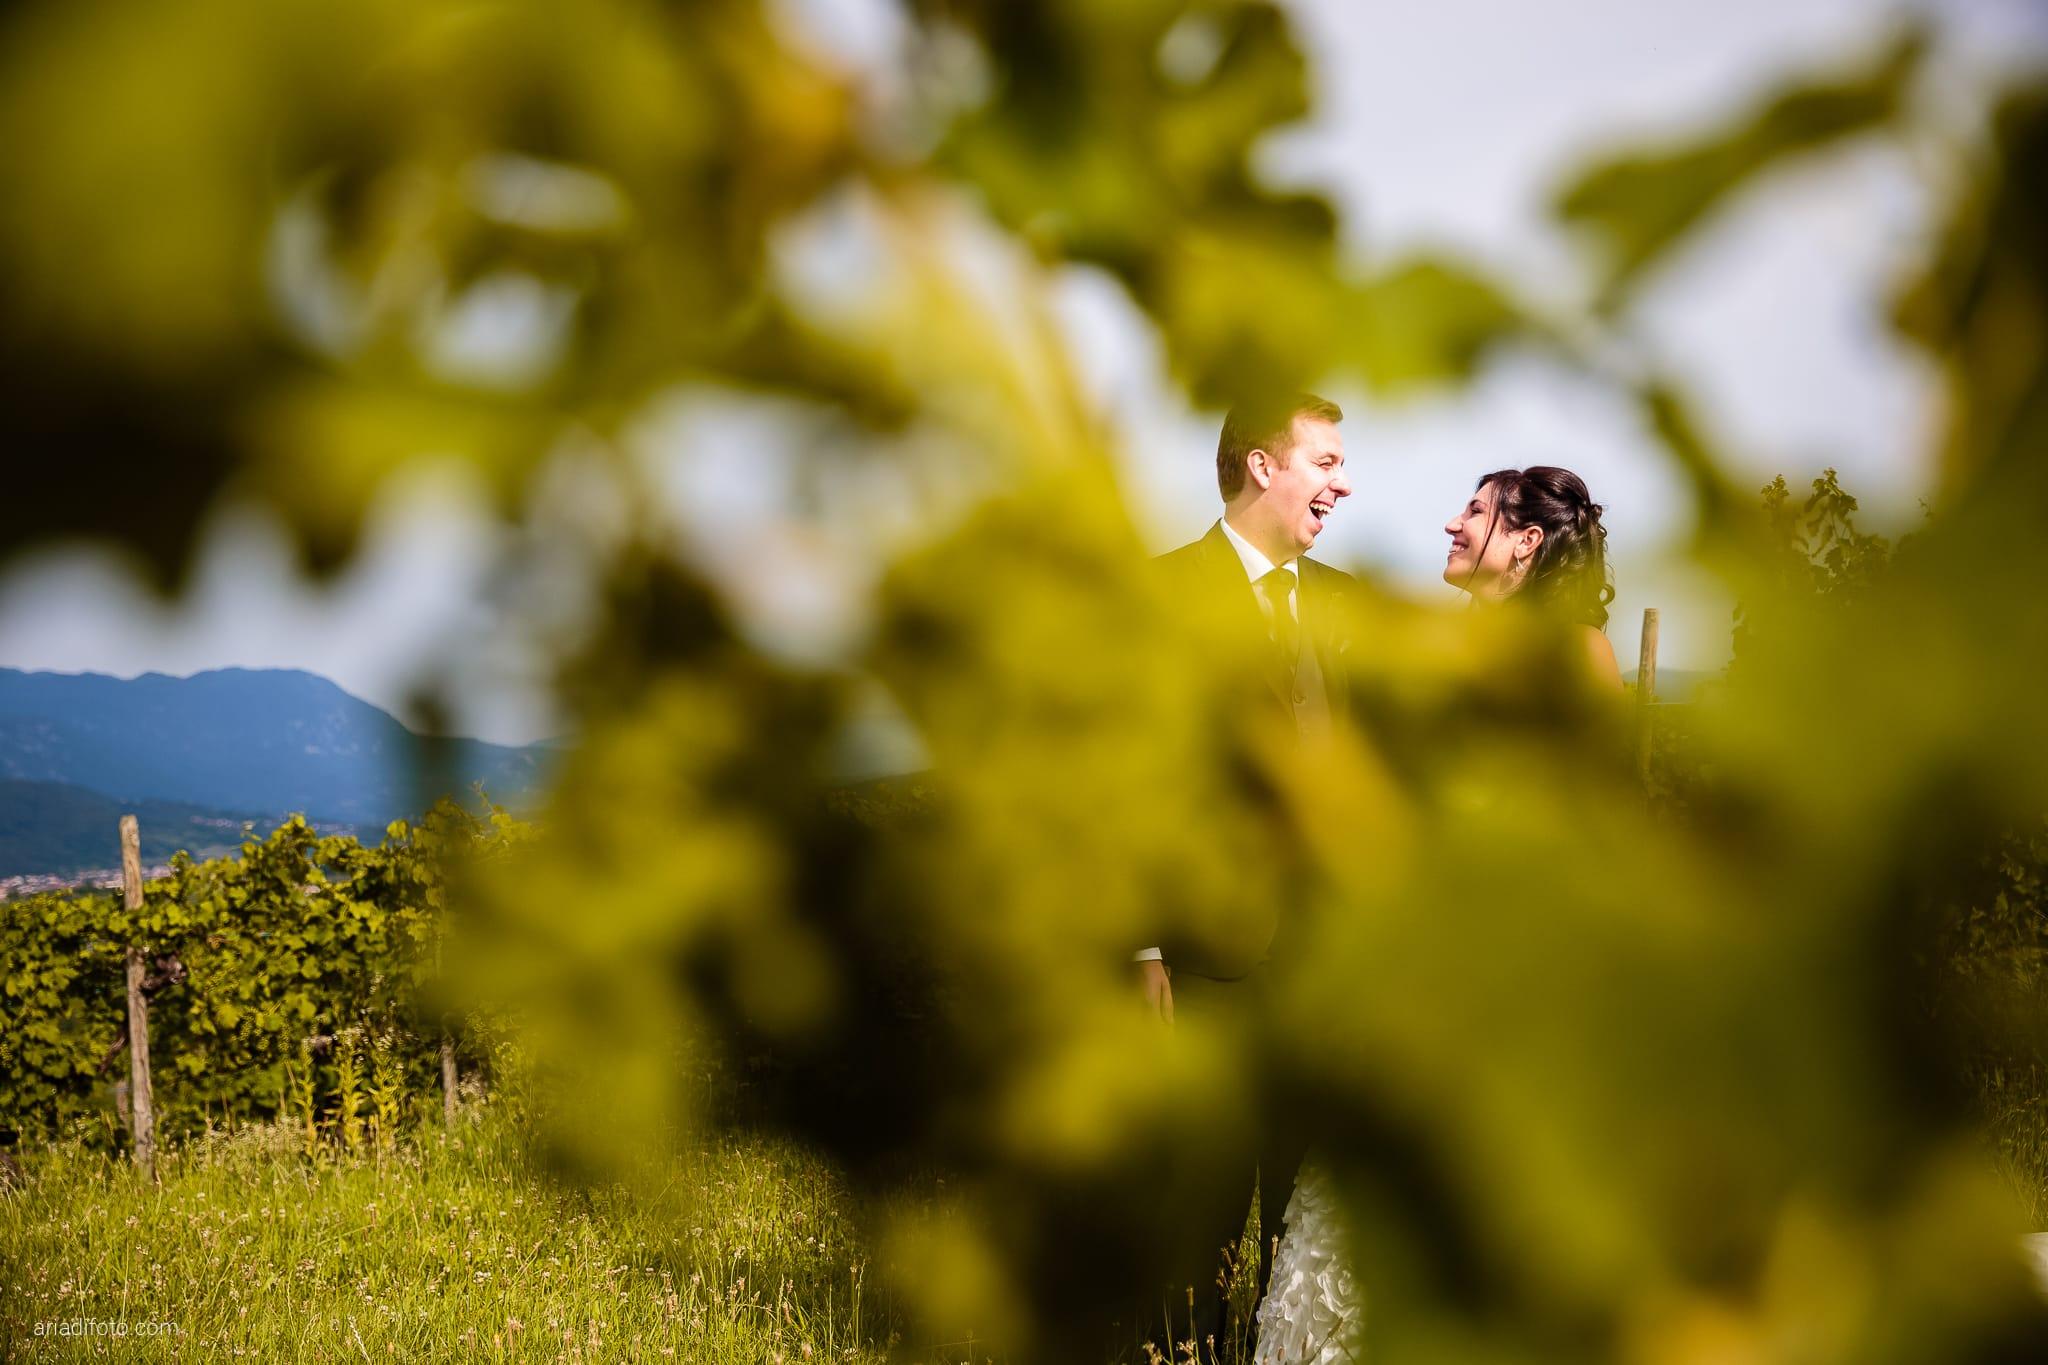 Chiara Mensur matrimonio Pradamano Baronesse Tacco San Floriano del Collio Gorizia ritratti sposi vitigni